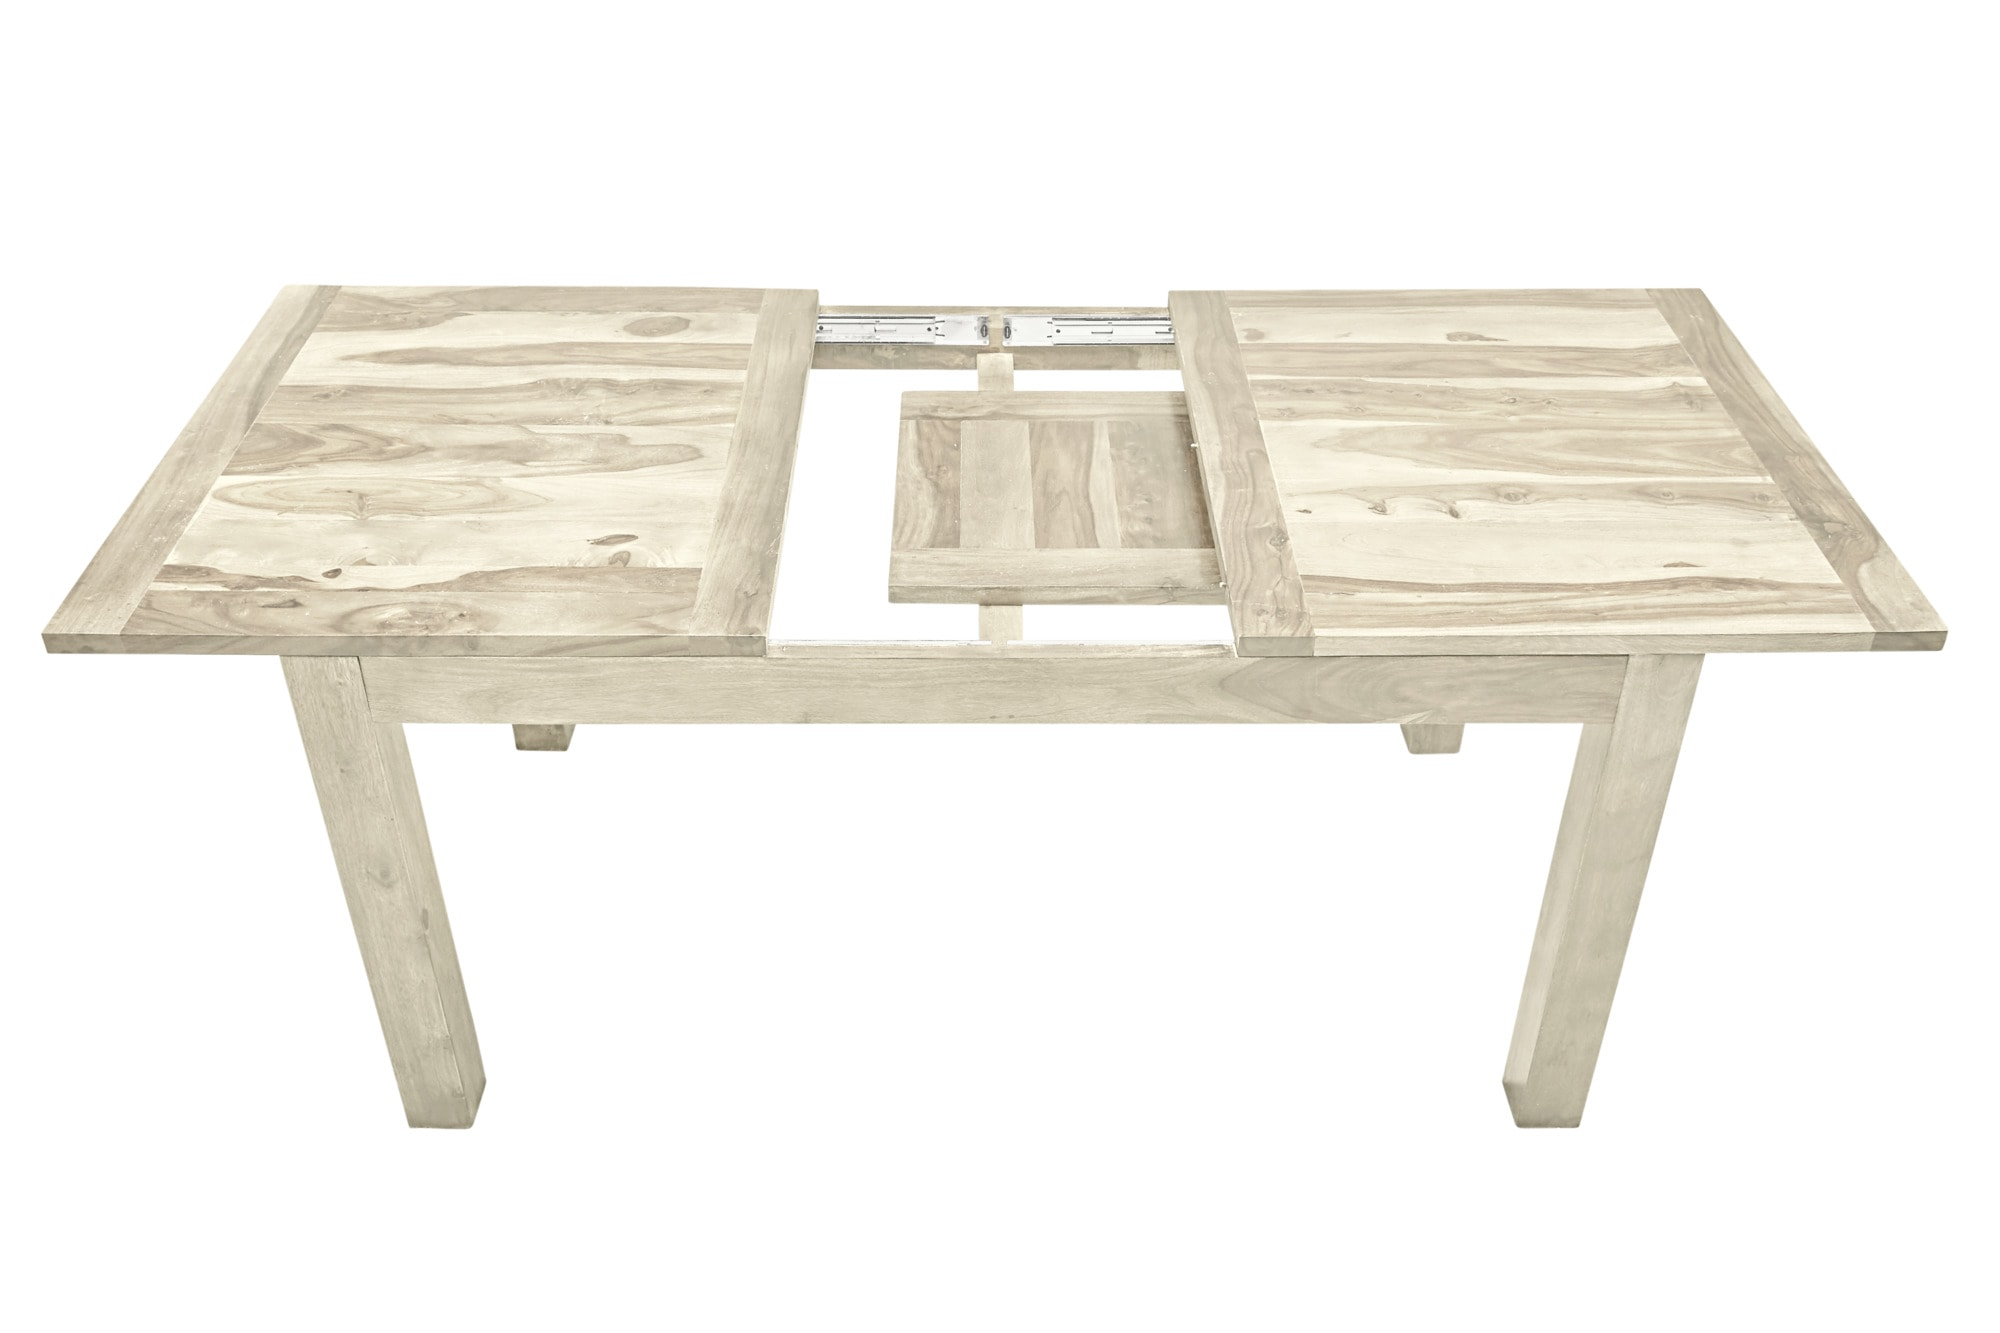 heine home Eßtisch aus Massivholz Wohnen/Möbel/Tische/Esstische/Esstische rechteckig